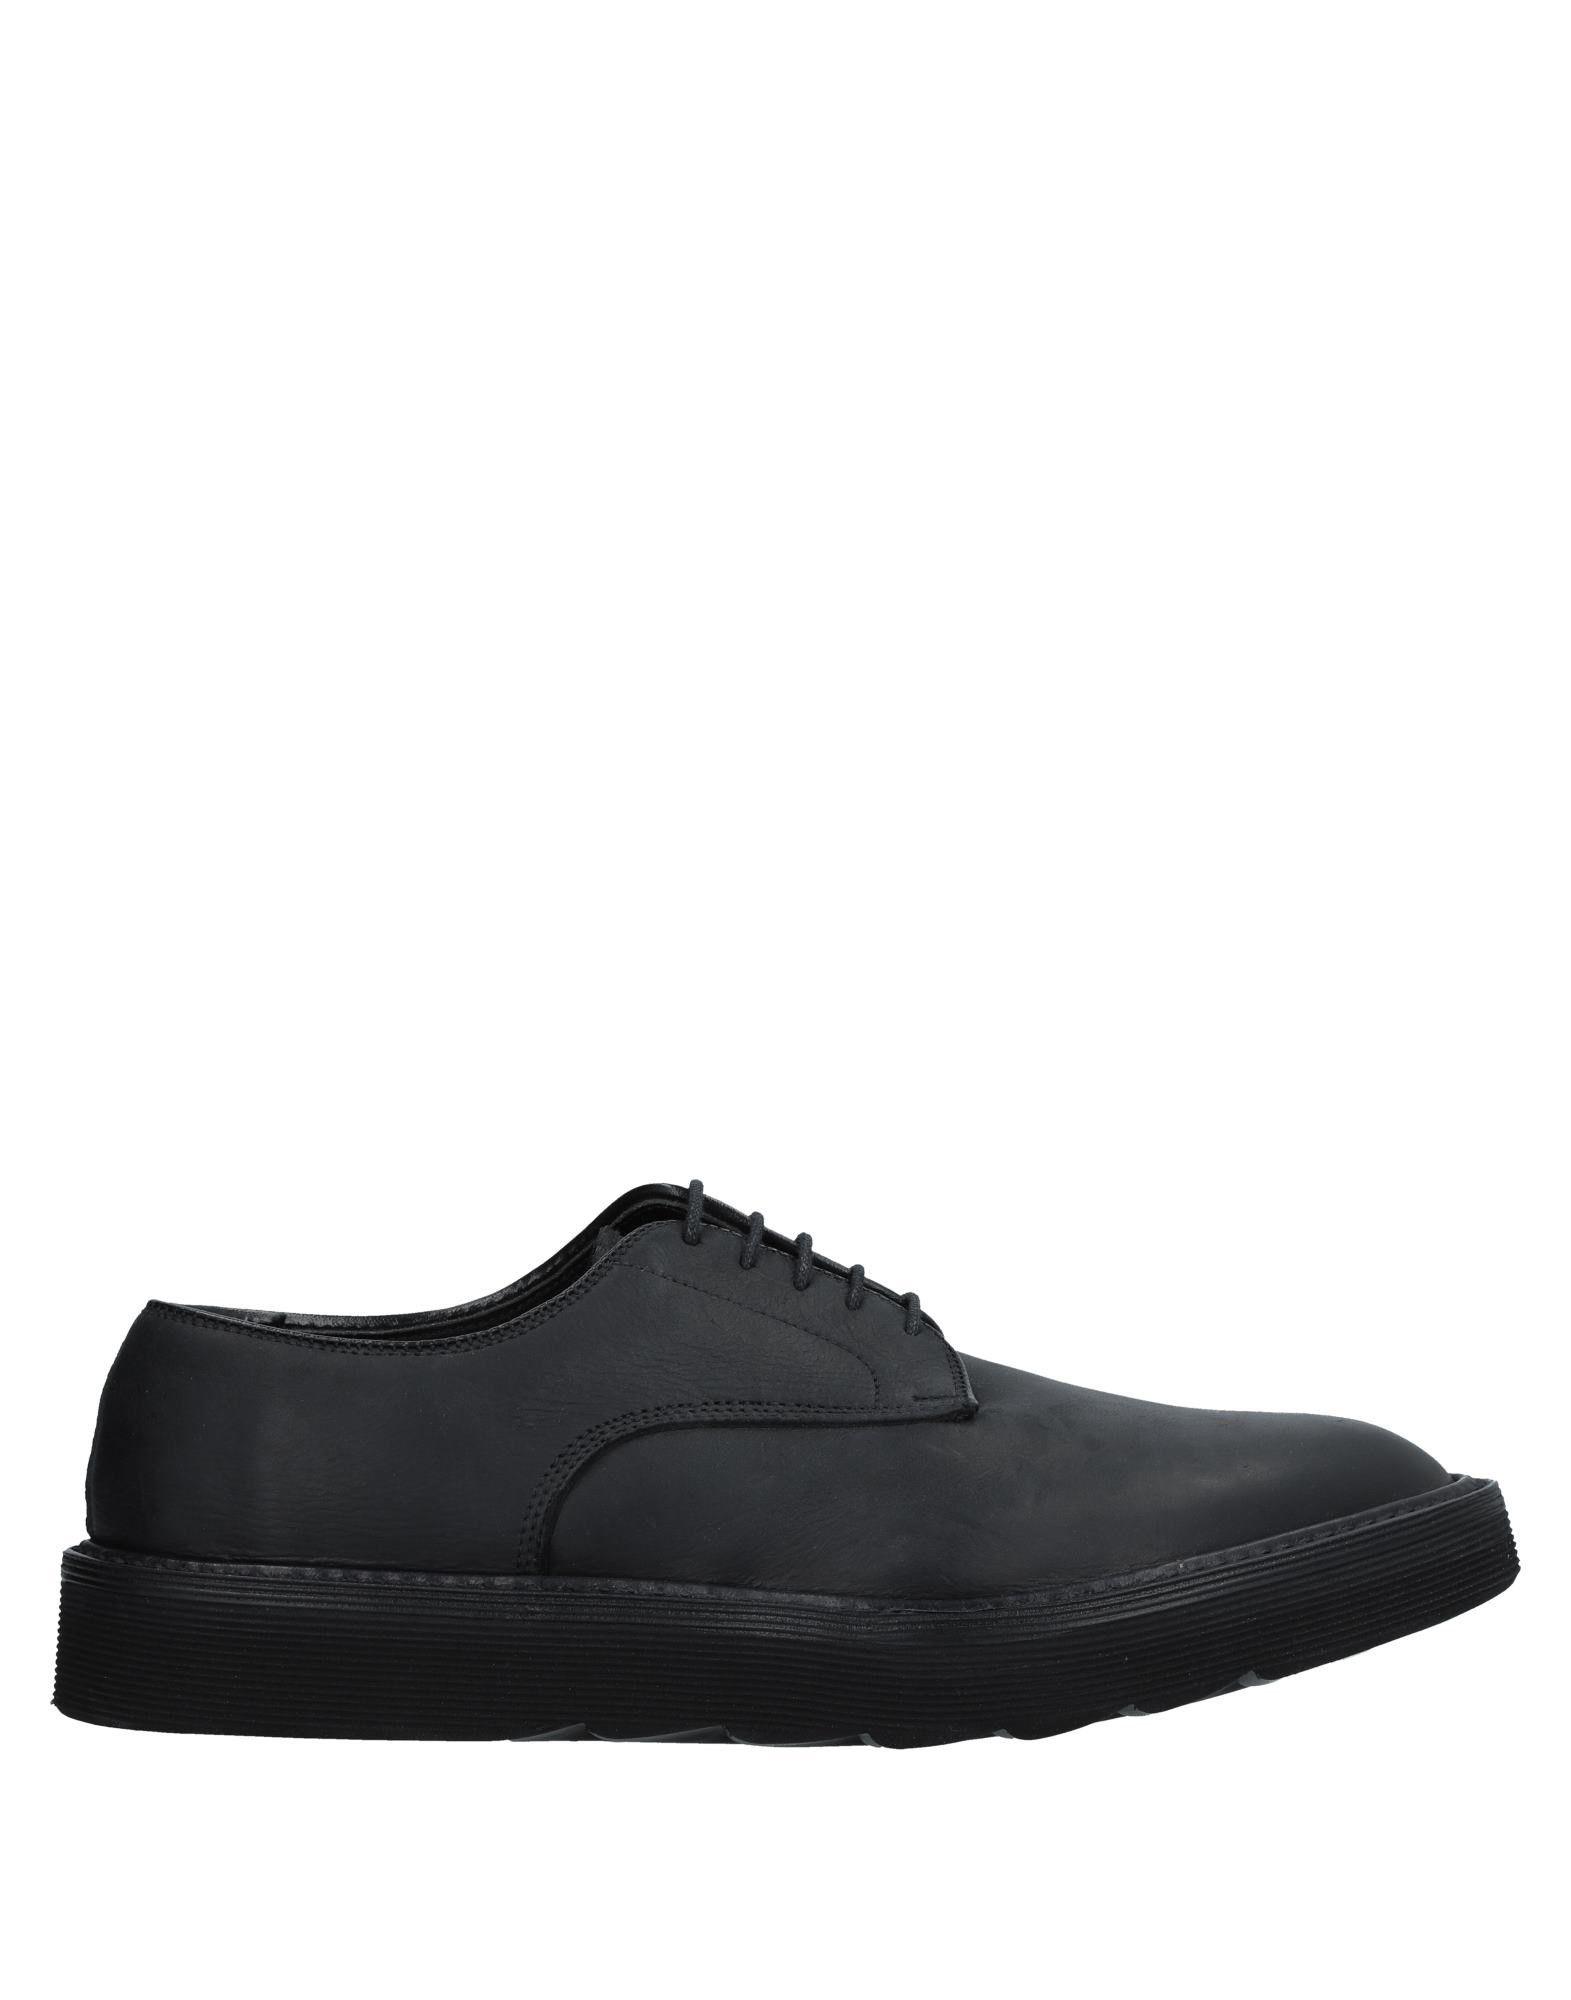 Premiata Schnürschuhe Herren  11531150MW Gute Qualität beliebte Schuhe